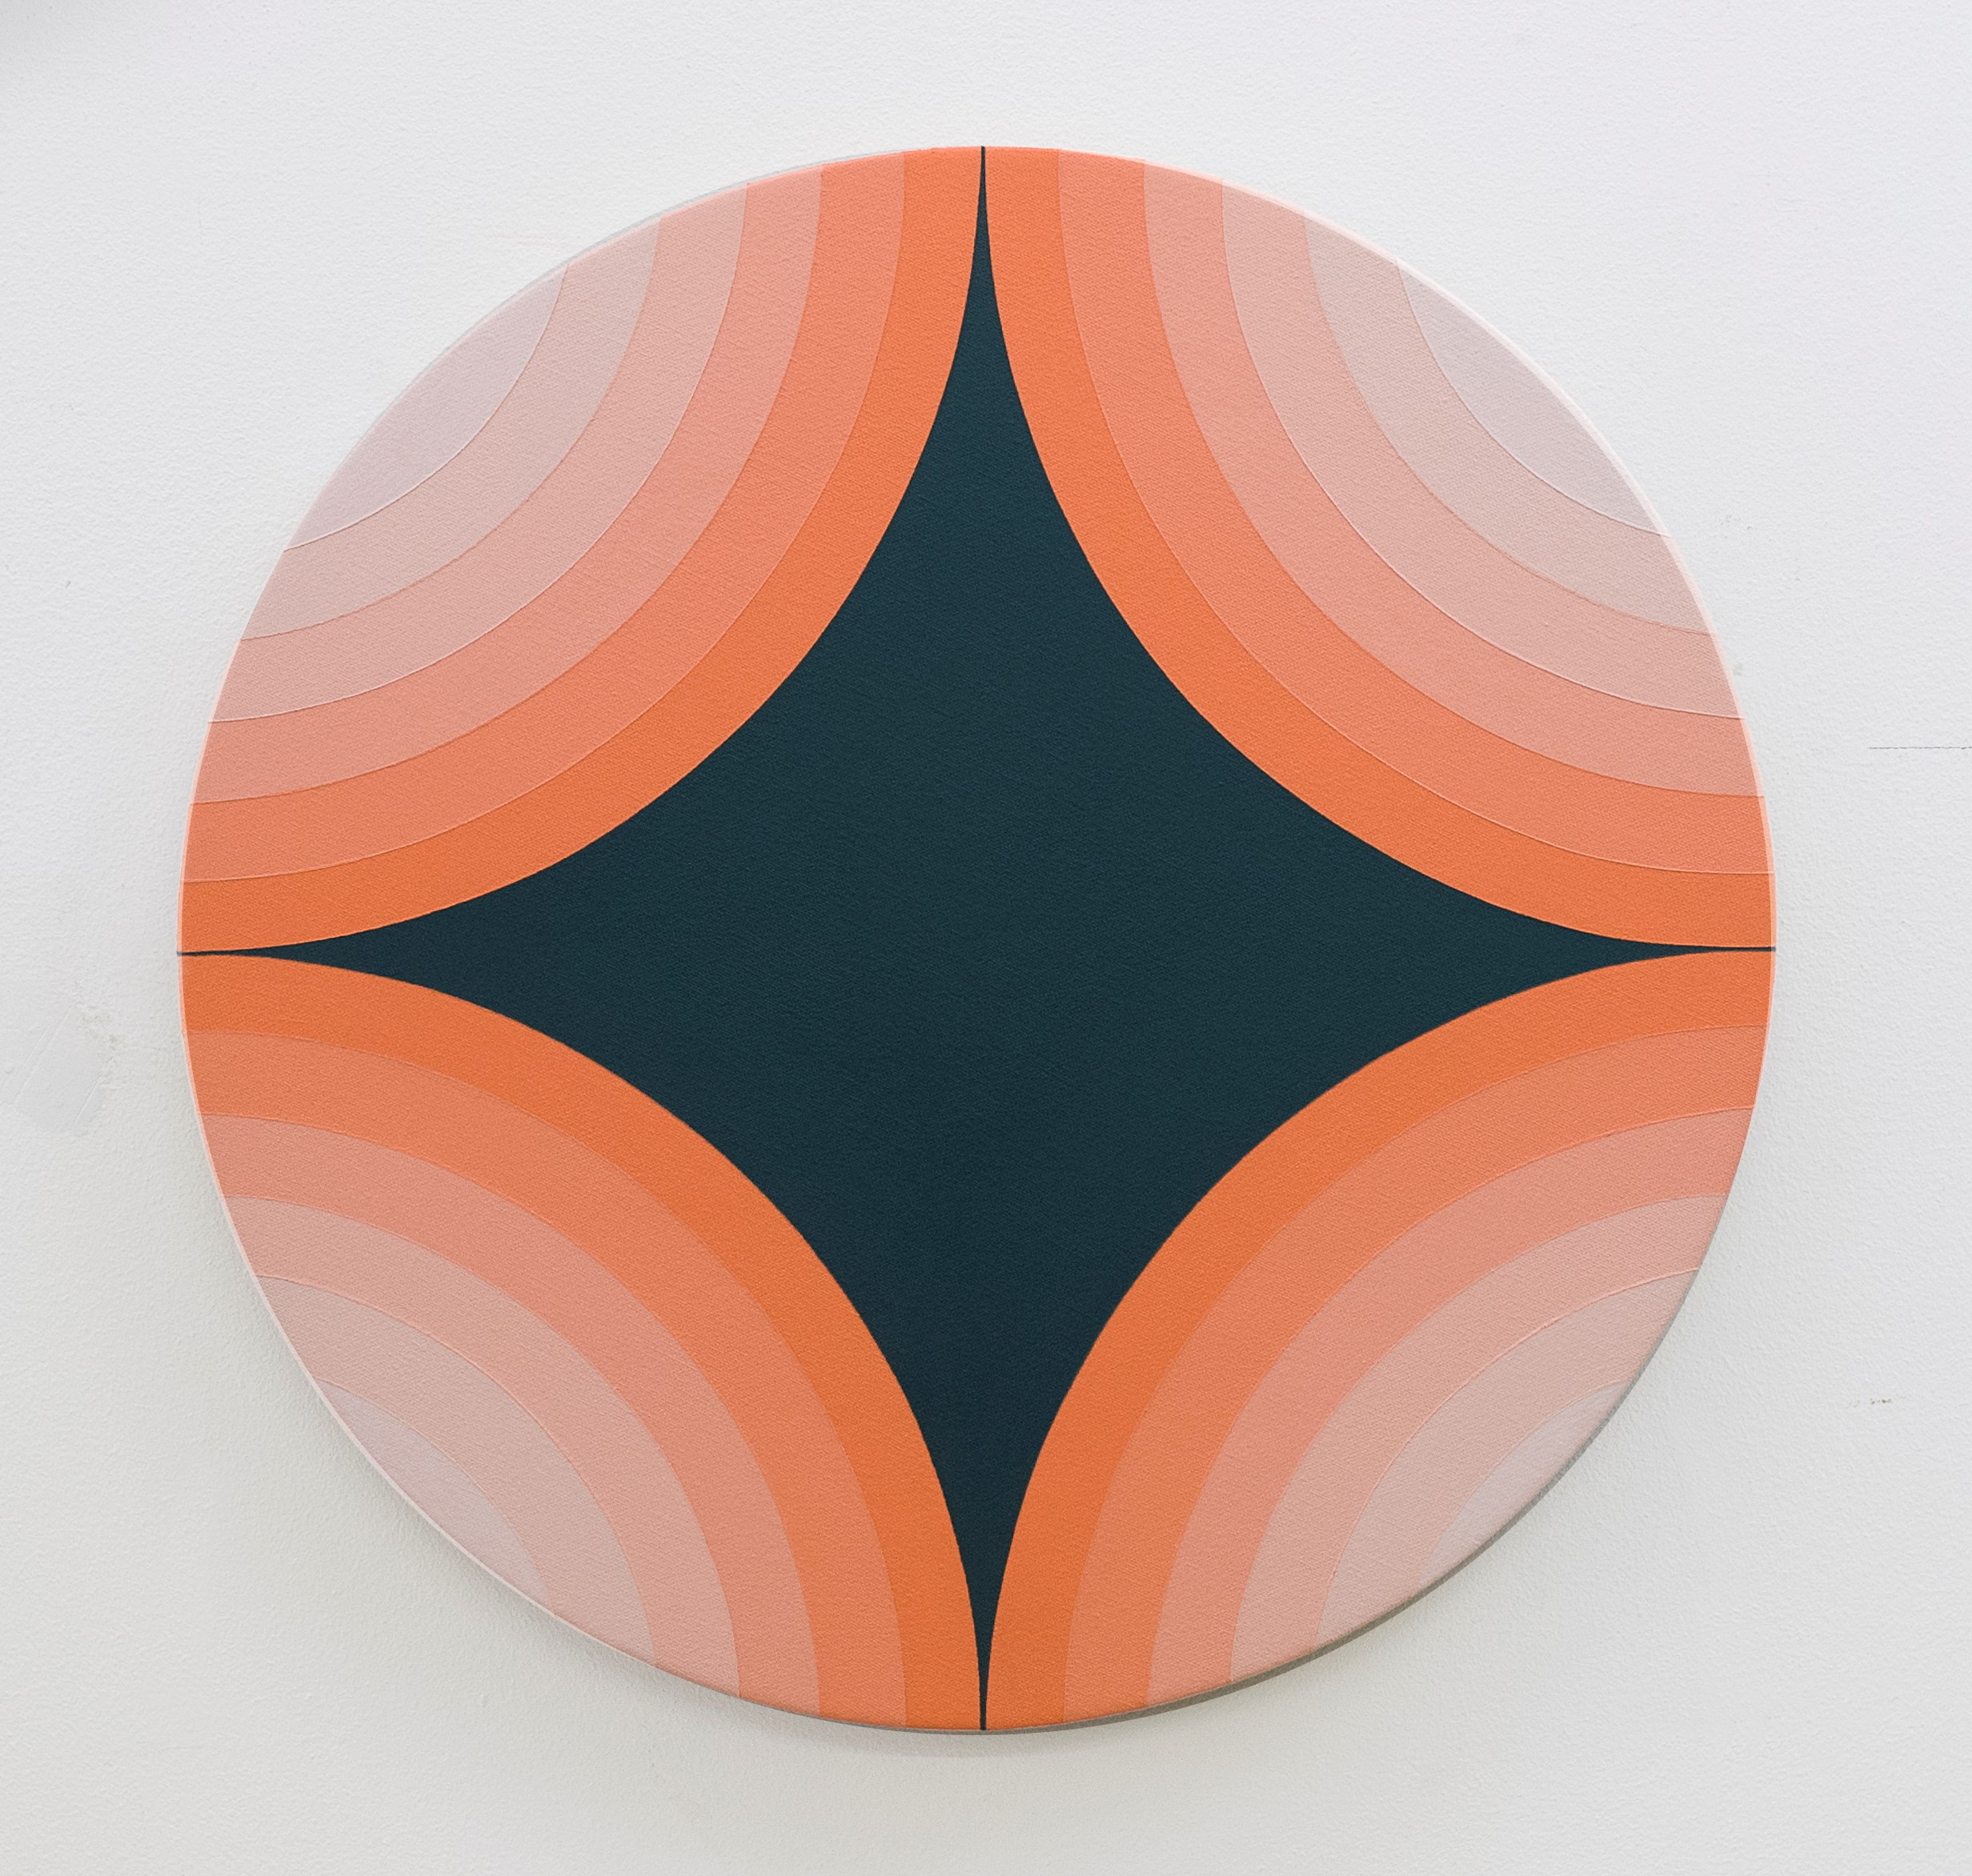 4 Circles Make A star, Mellon Version